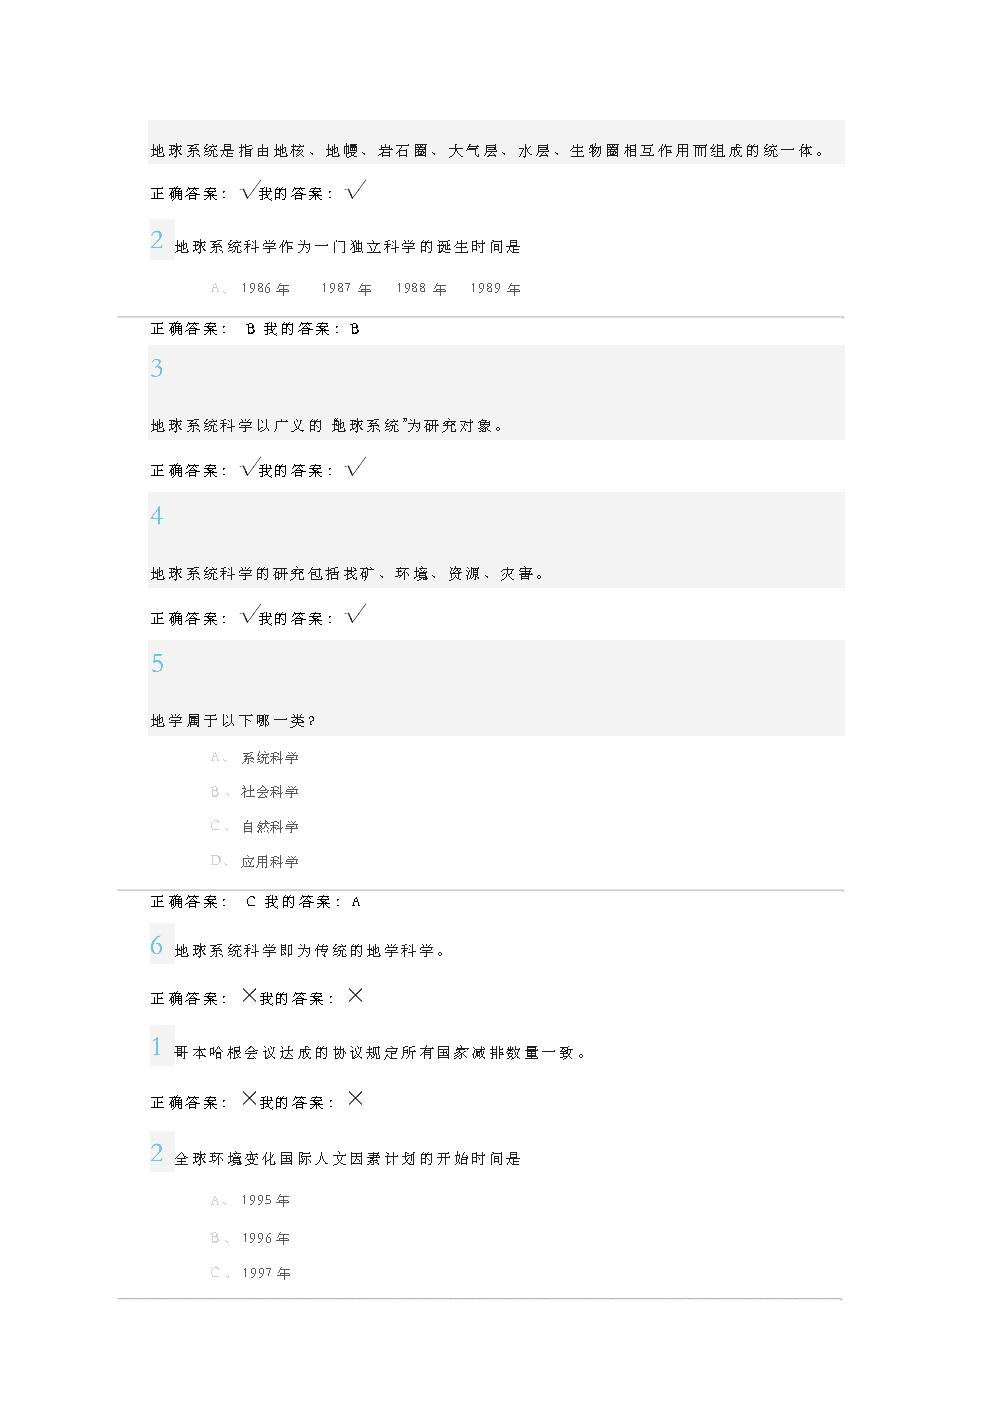 【经典】尔雅全球变化与地球系统科学作业答案(DOC X页).docx